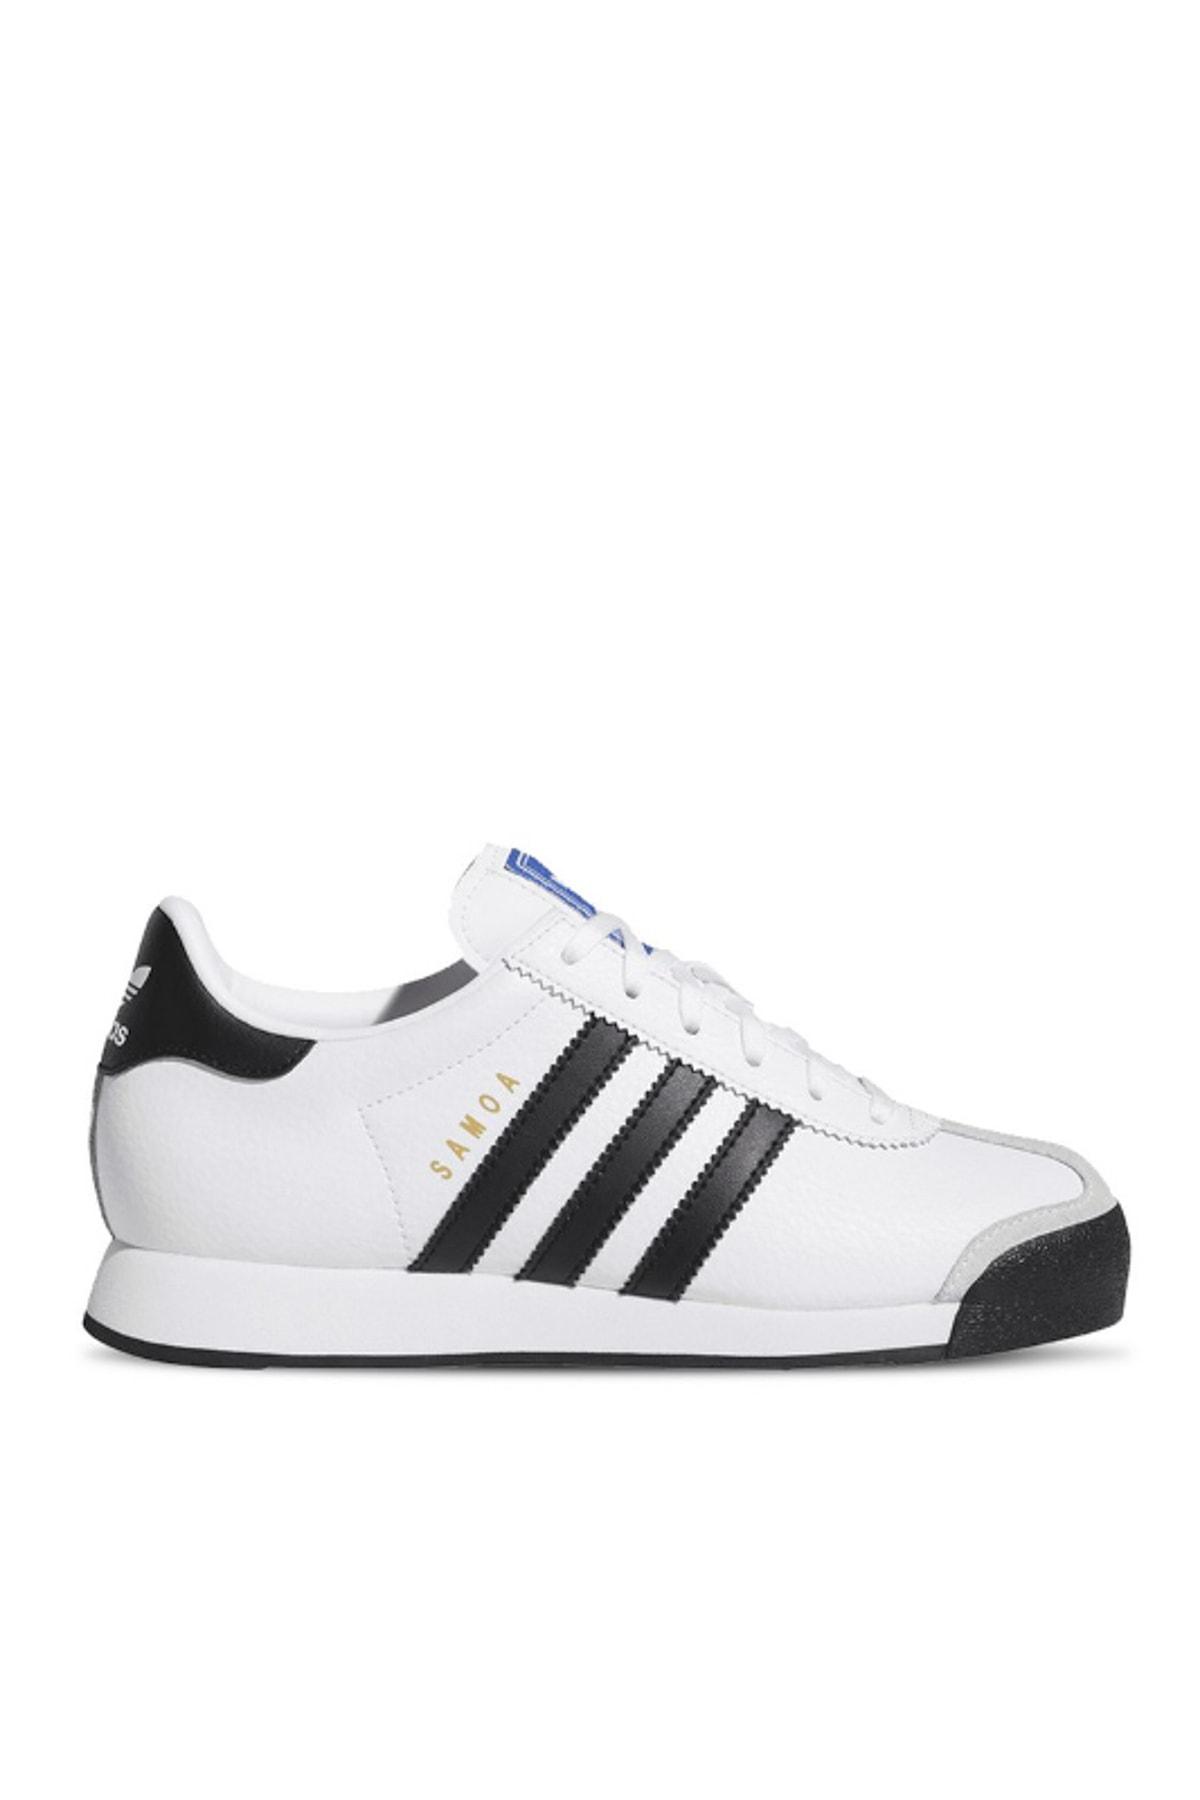 adidas SAMOA J Çocuk Spor Ayakkabı 1